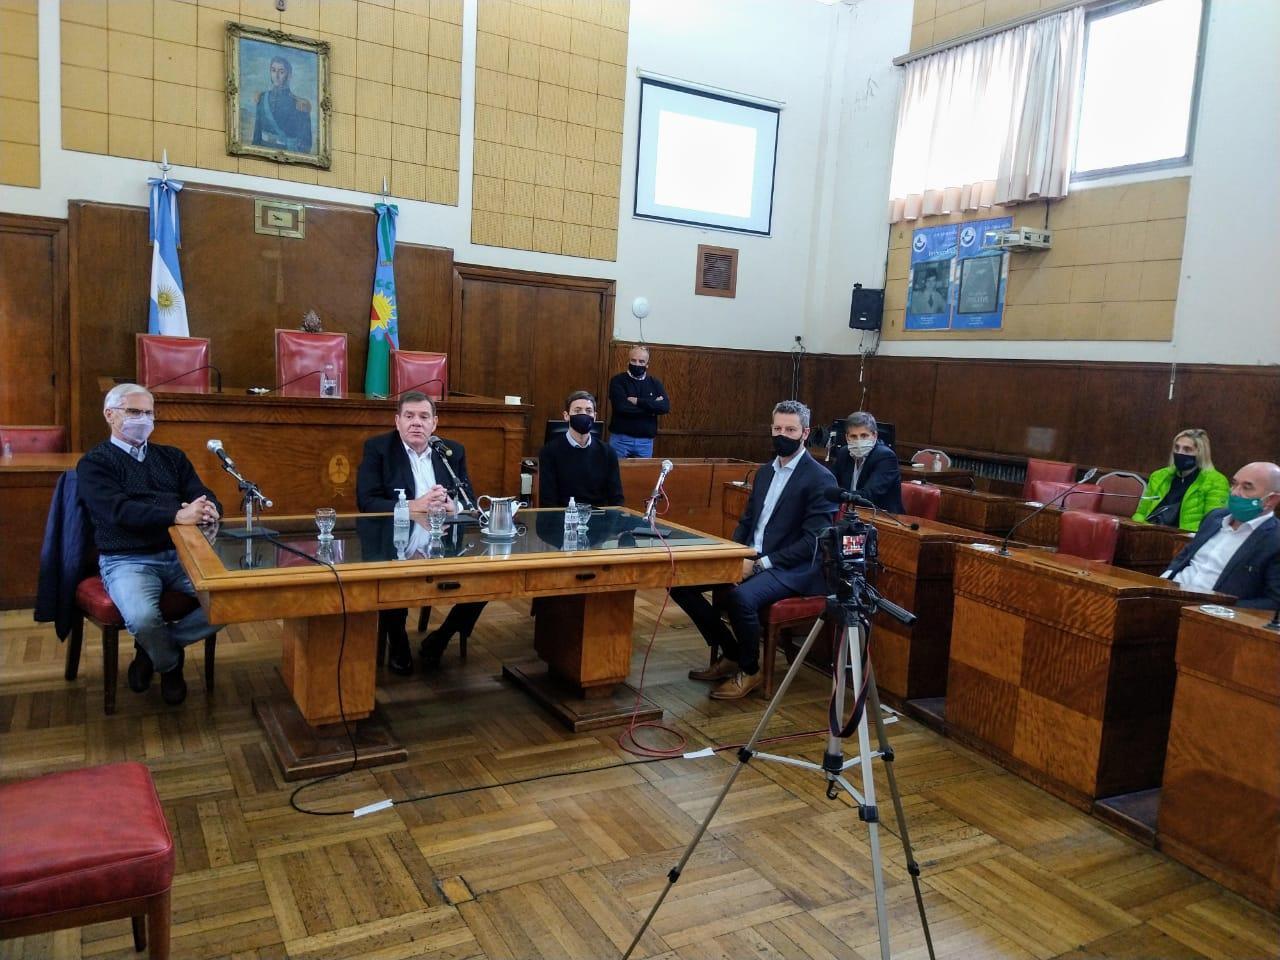 Montenegro encabezó la puesta en marcha del Consejo Consultivo Económico Social y Productivo